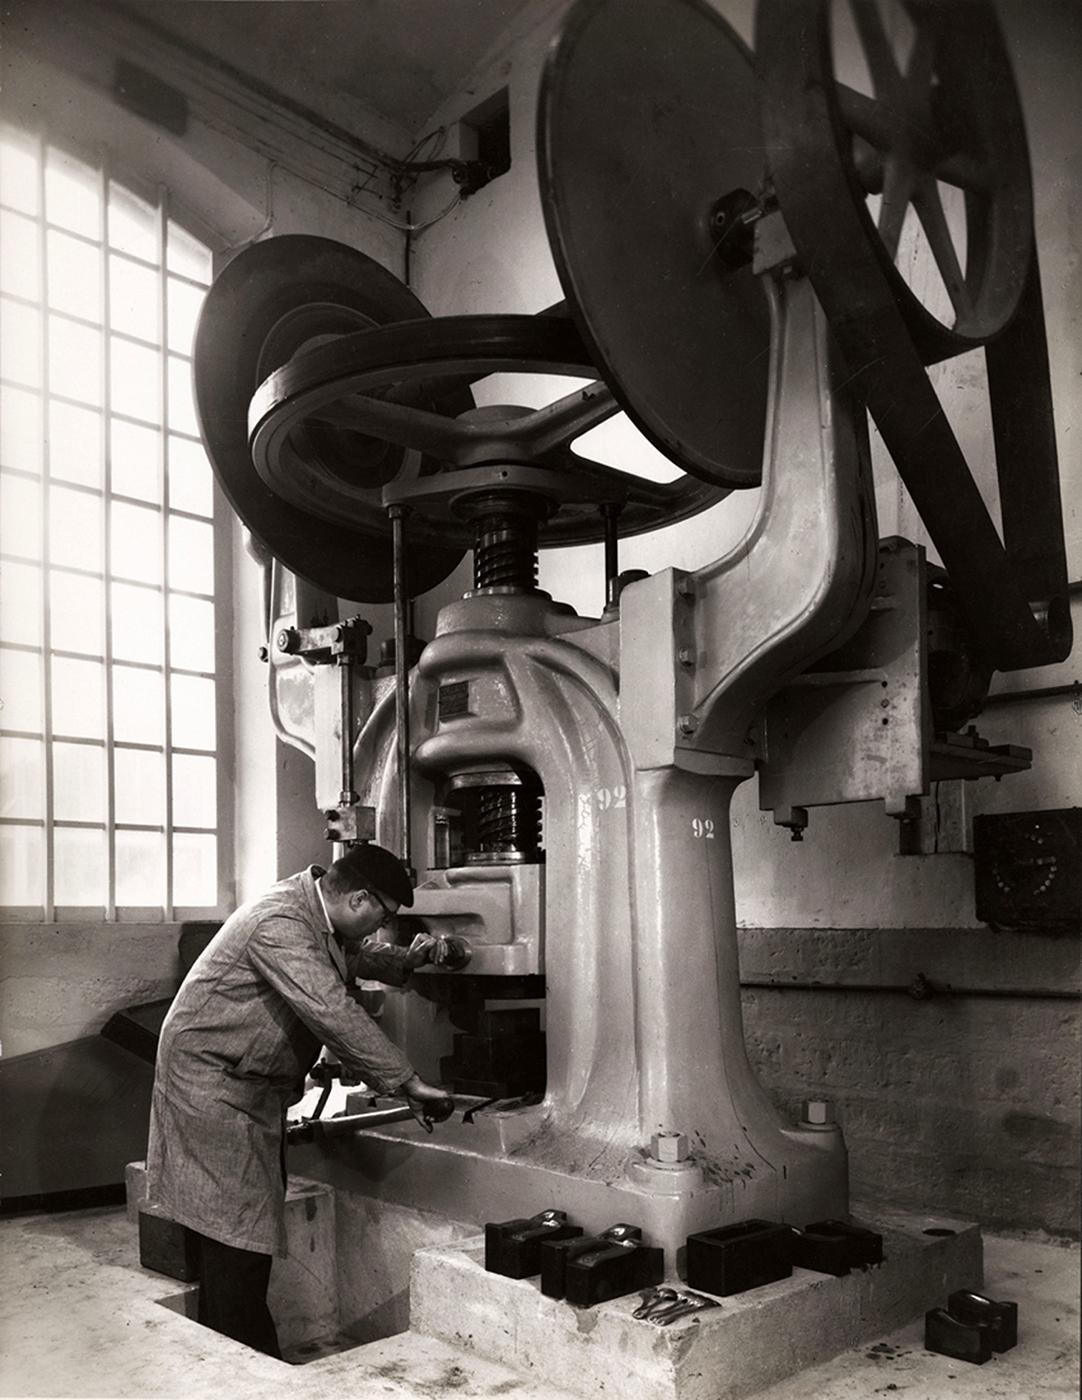 """François Kollar, """"Sans titre [Emboutissage des couverts, usine Christofle, France]"""" (1958), 30 x 21.6 cm (donation François Kollar, Médiathèque de l'architecture et du patrimoine, Charenton-le-Pont)"""